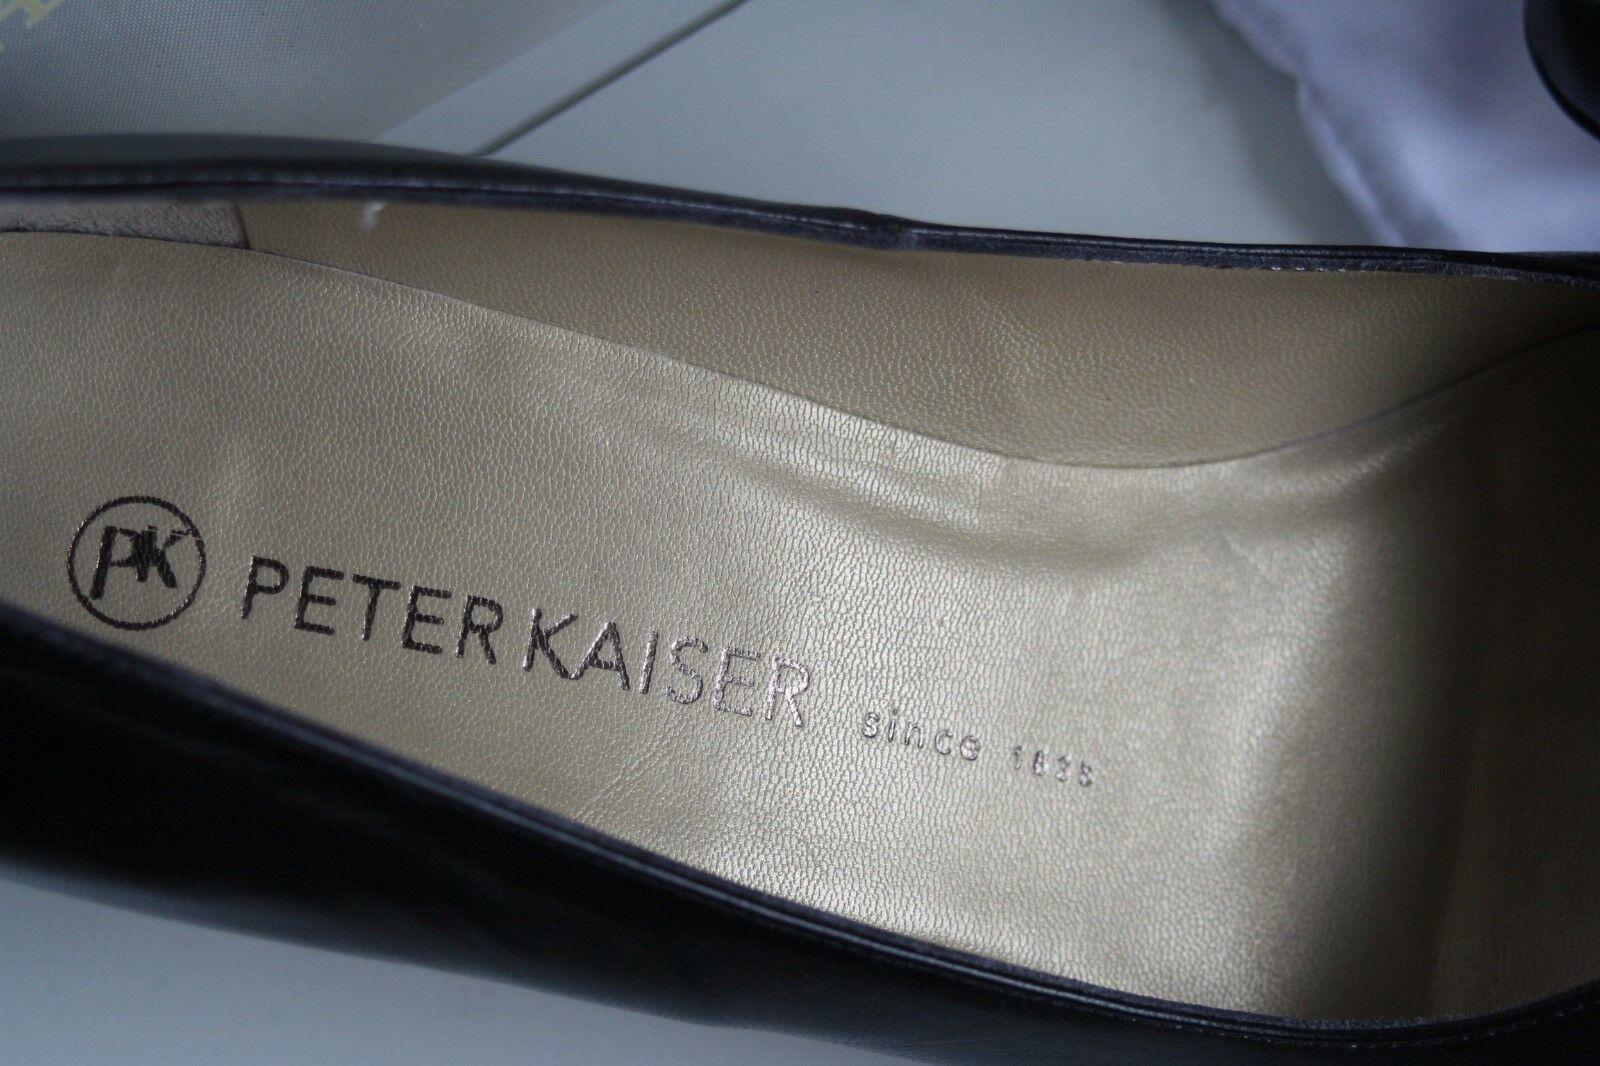 best website 17136 78d94 ... PETER KAISER KAISER KAISER Neu schwarz BEN feines echtes Chevro Leder  Gr 7 41 5a9da7 ...